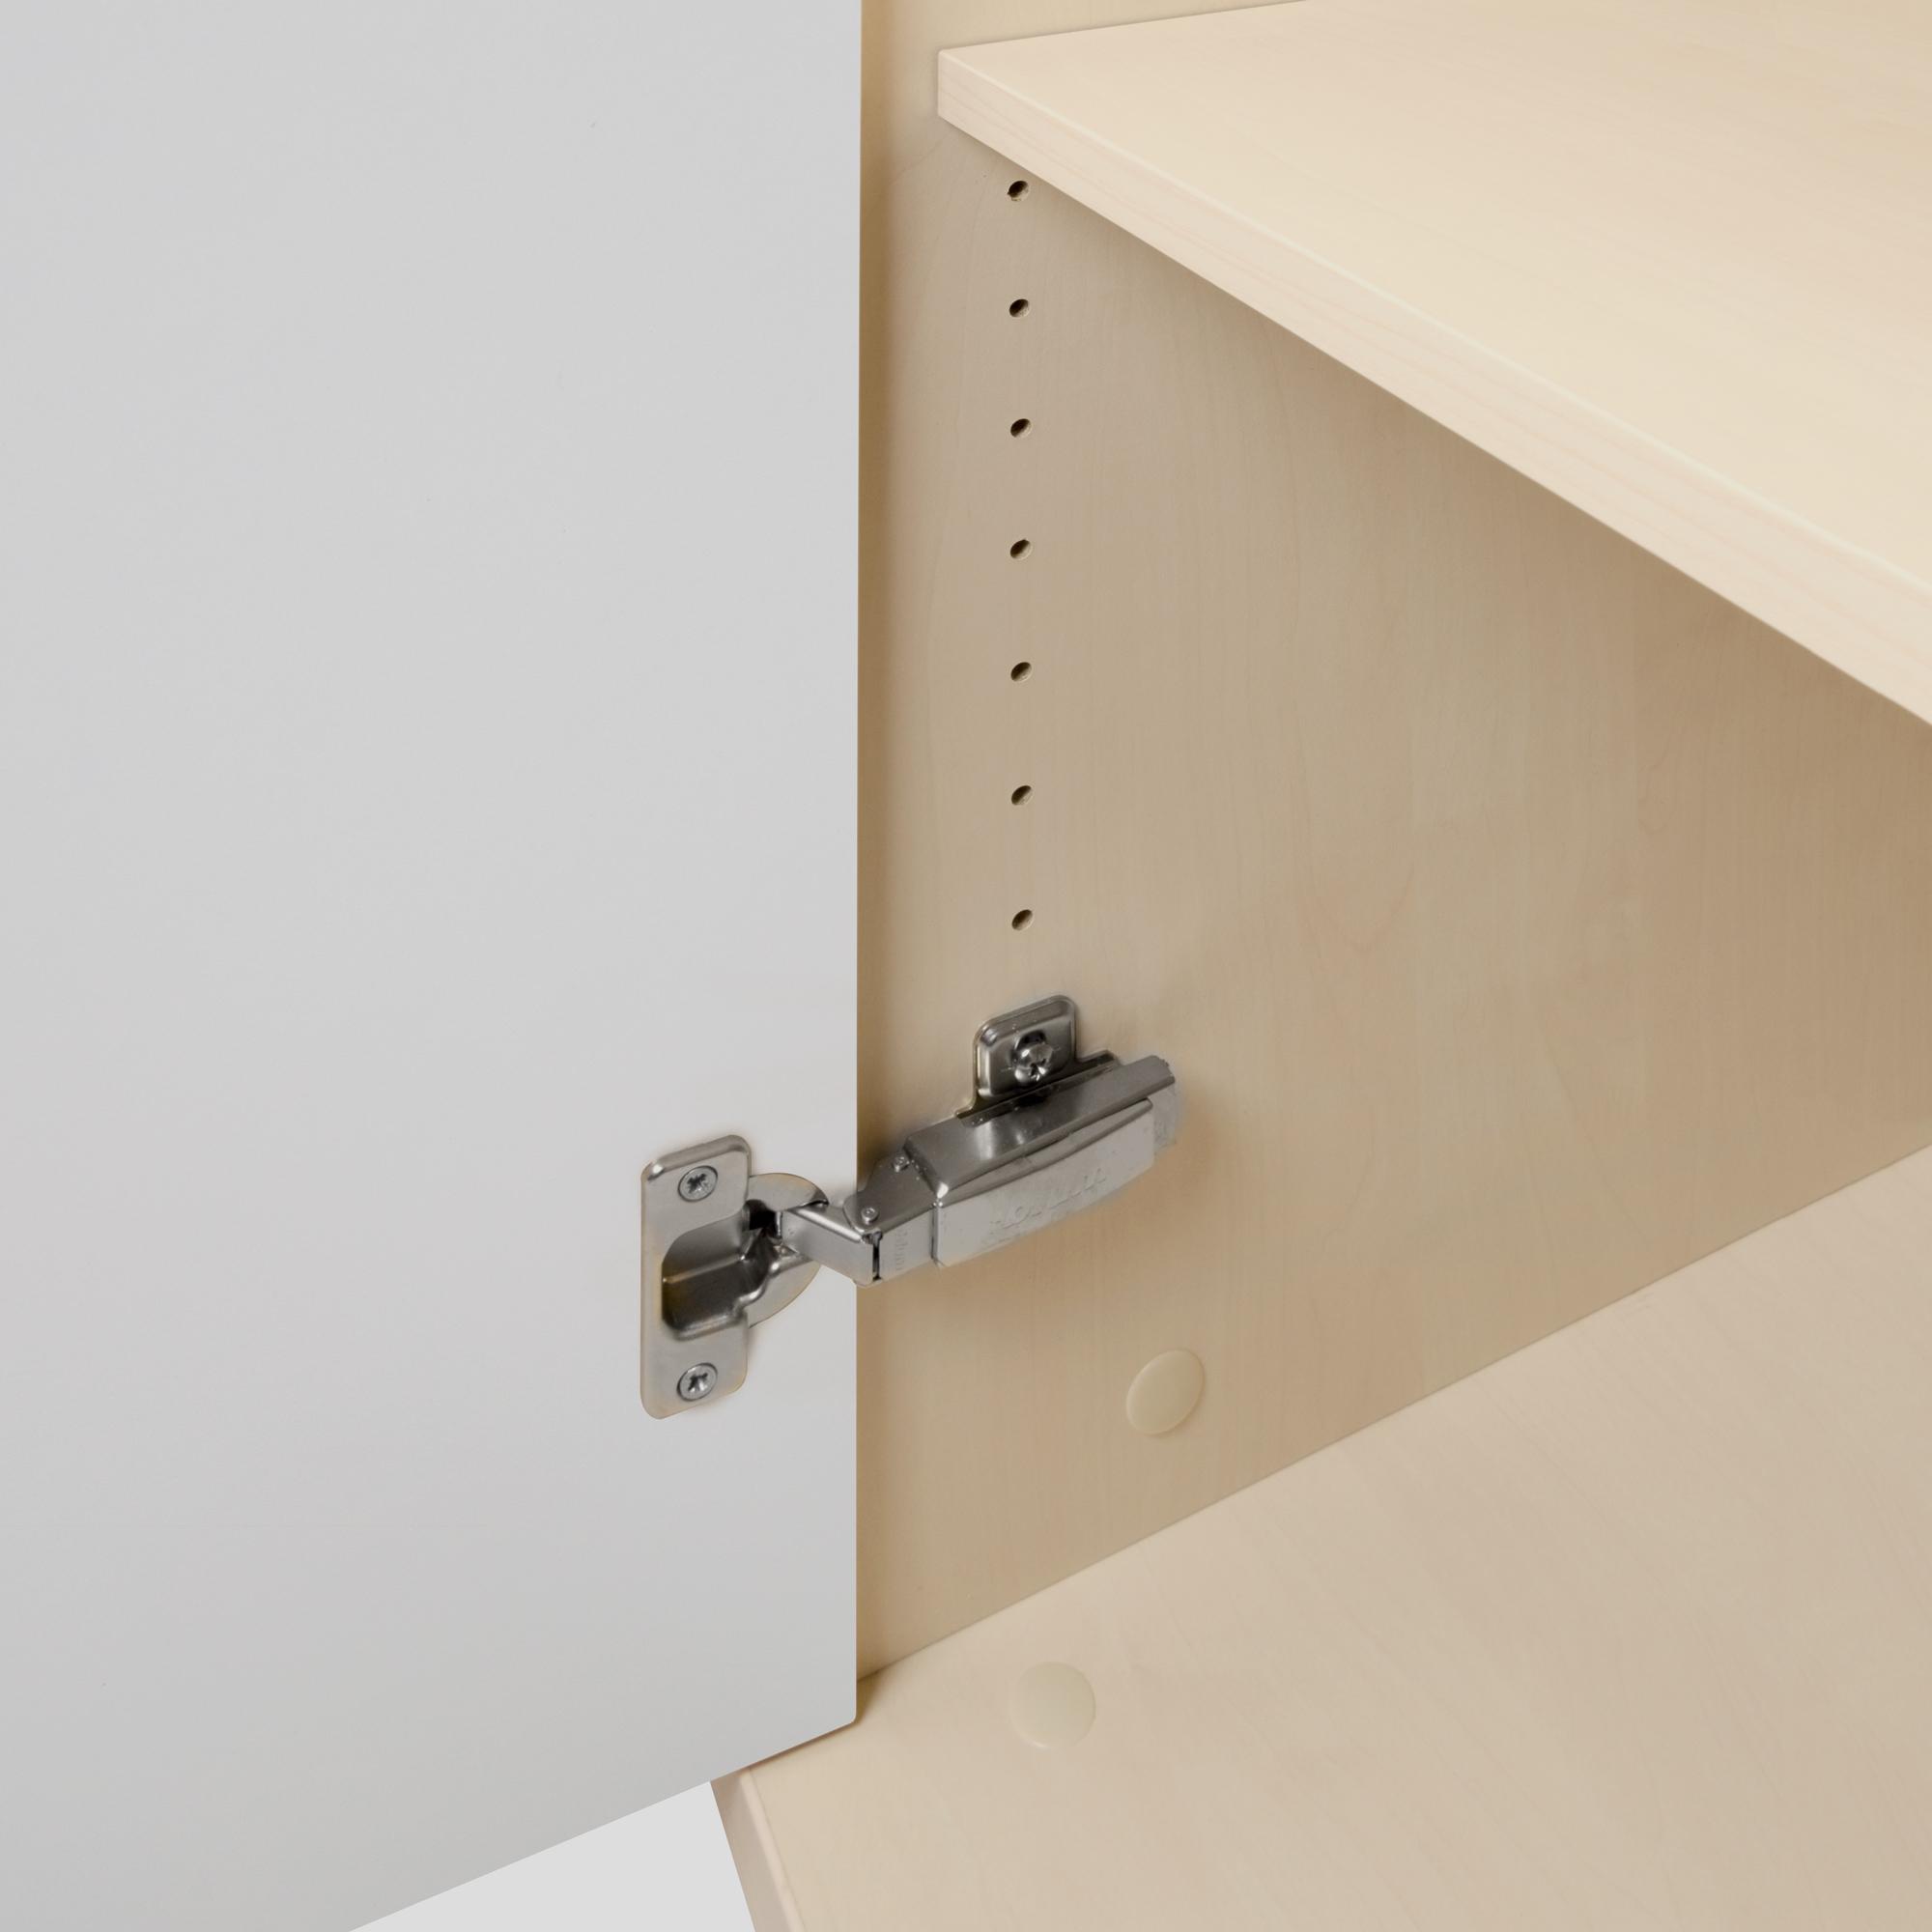 PROFI Schrankwand abschließbar Schrank Büroschrank Flügeltürenschrank Regalschrank 5 OH Ahorn/Weiß